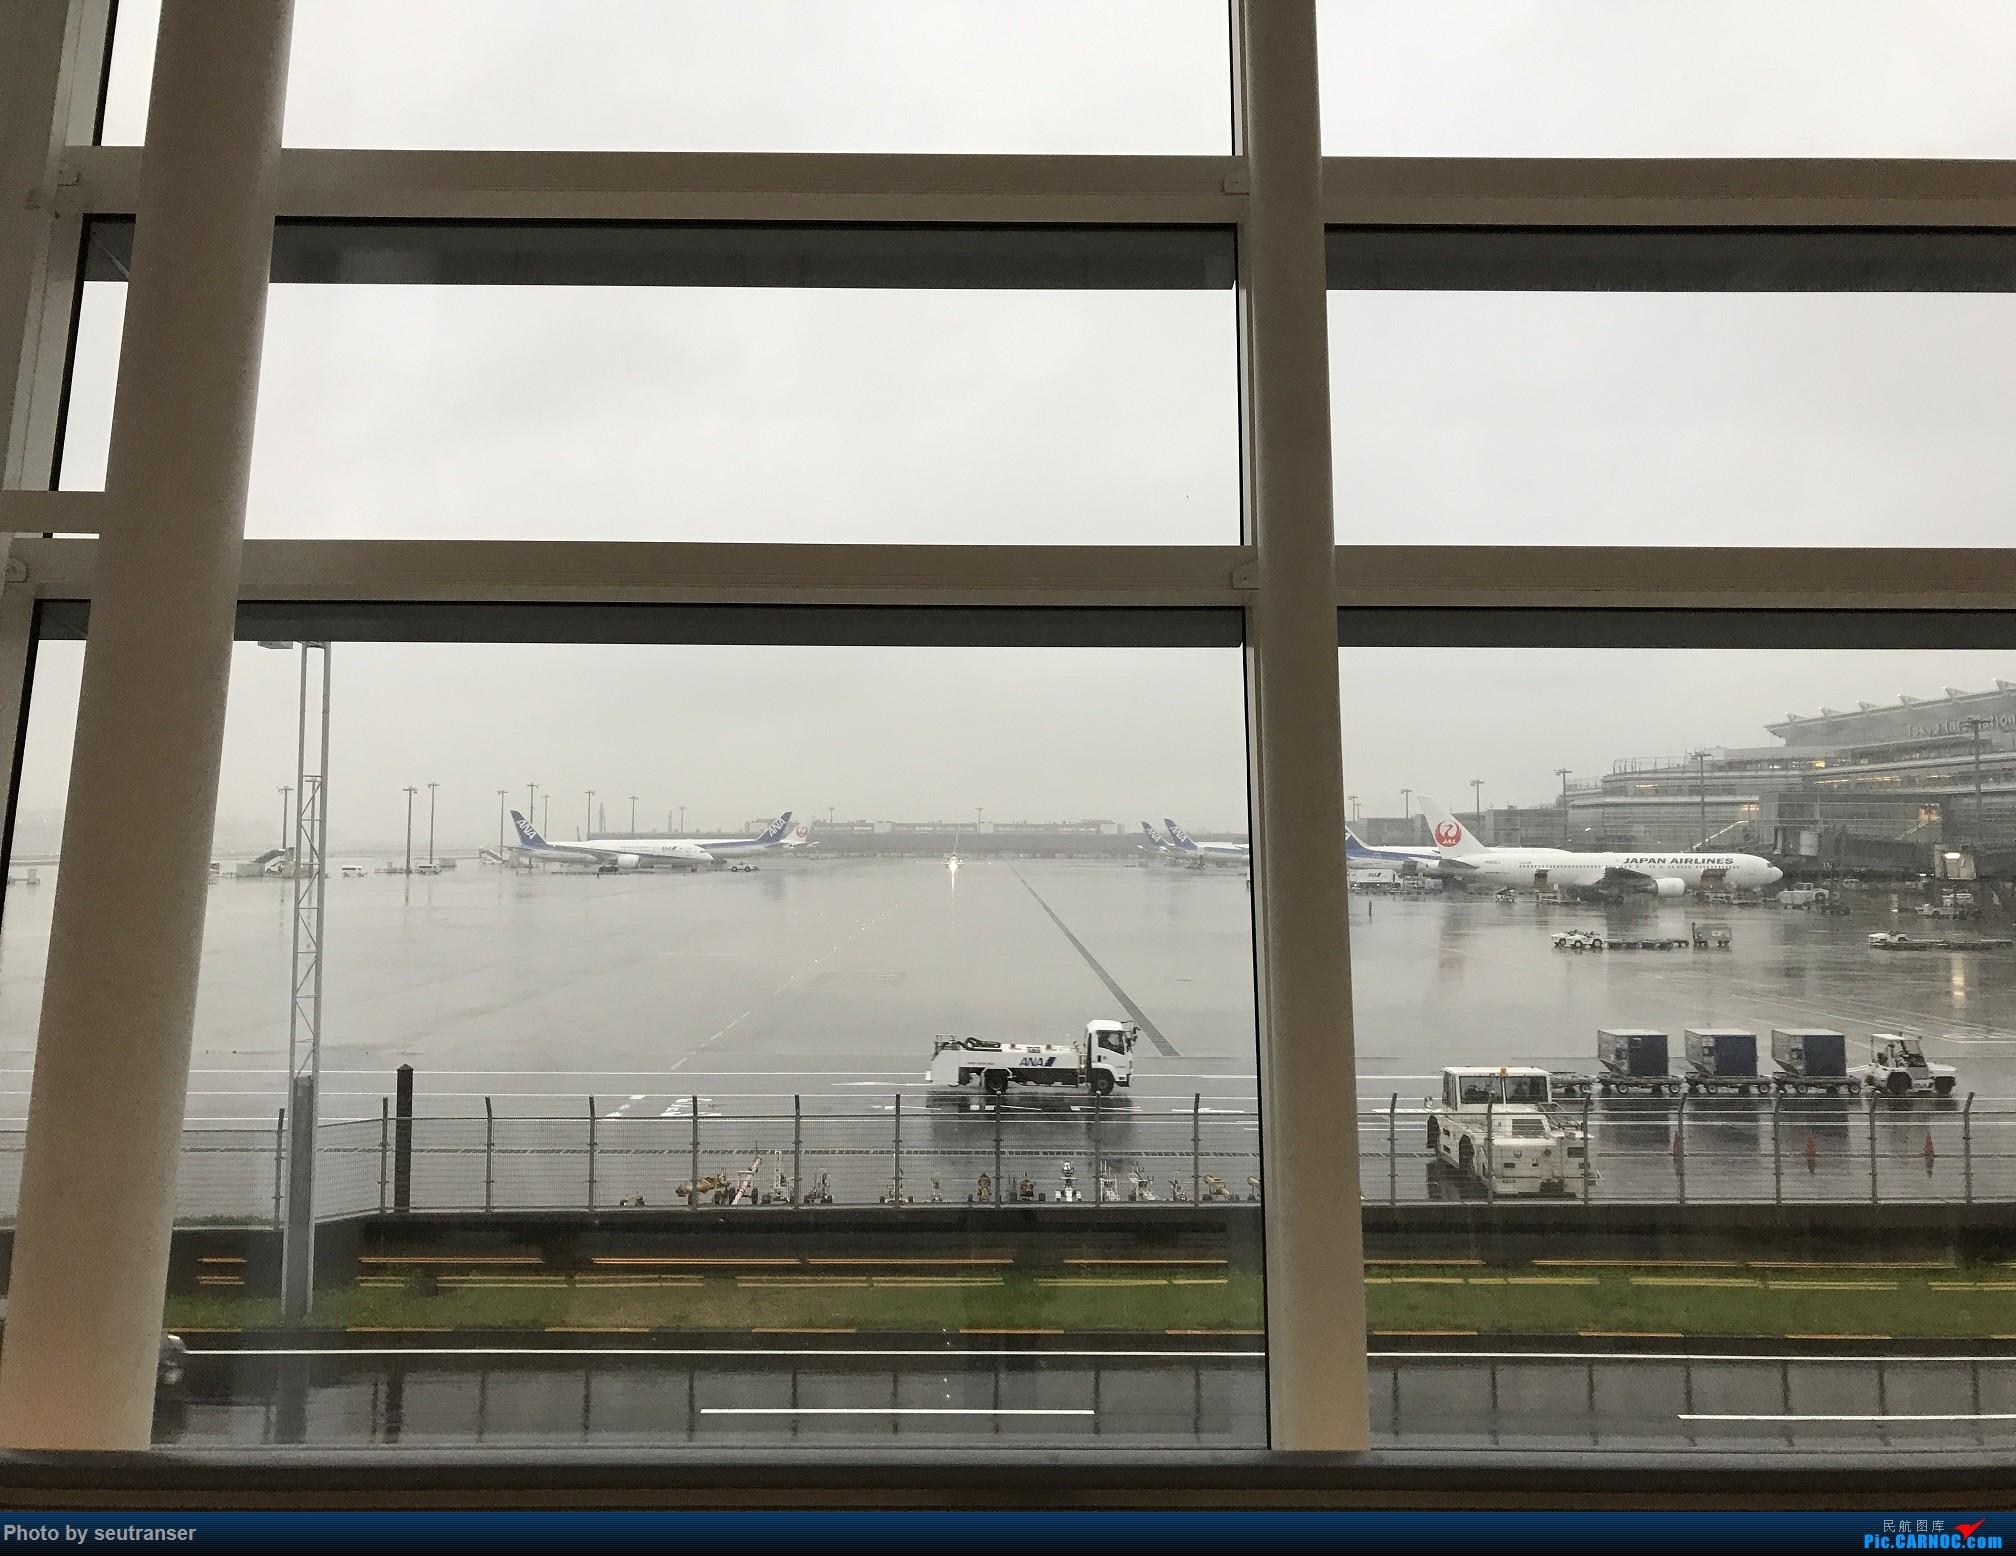 Re:[原创]迟到一年的游记,记第一次出国游—日本 AIRBUS A330-200 B-6538 上海浦东国际机场 日本东京羽田国际机场